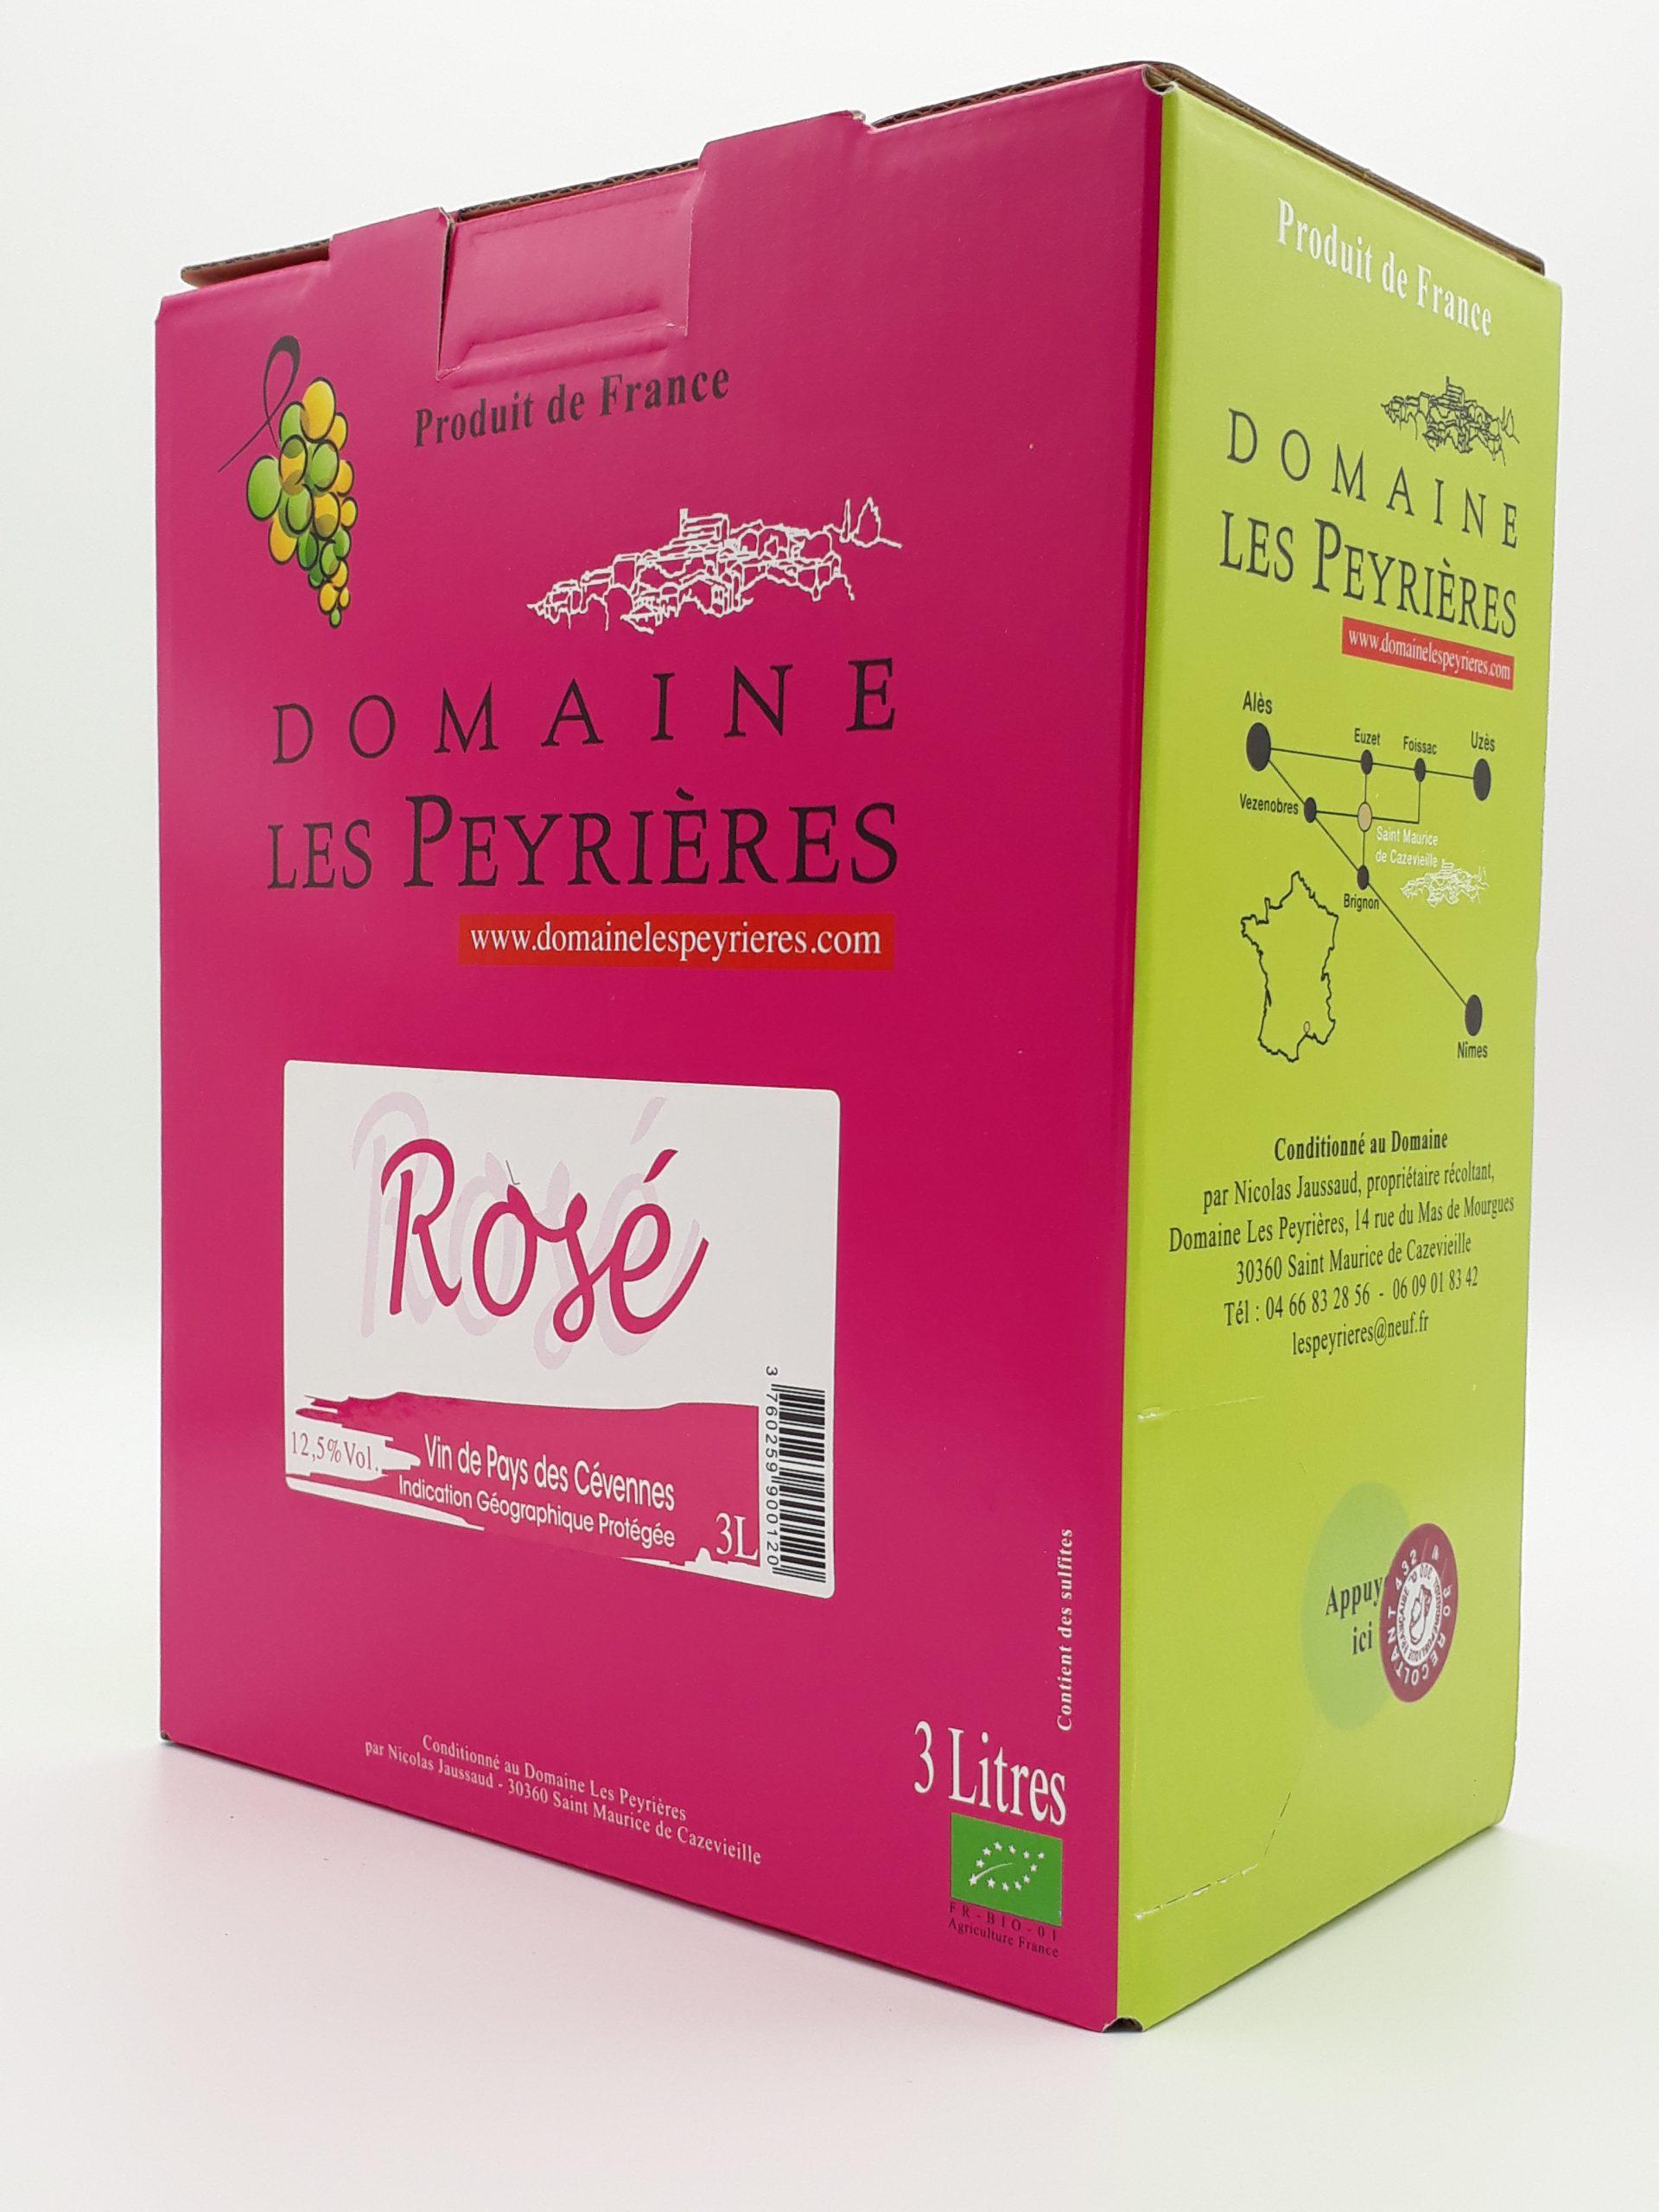 vin-pays-cevennes-rose-2019-baginbox-3litres-02